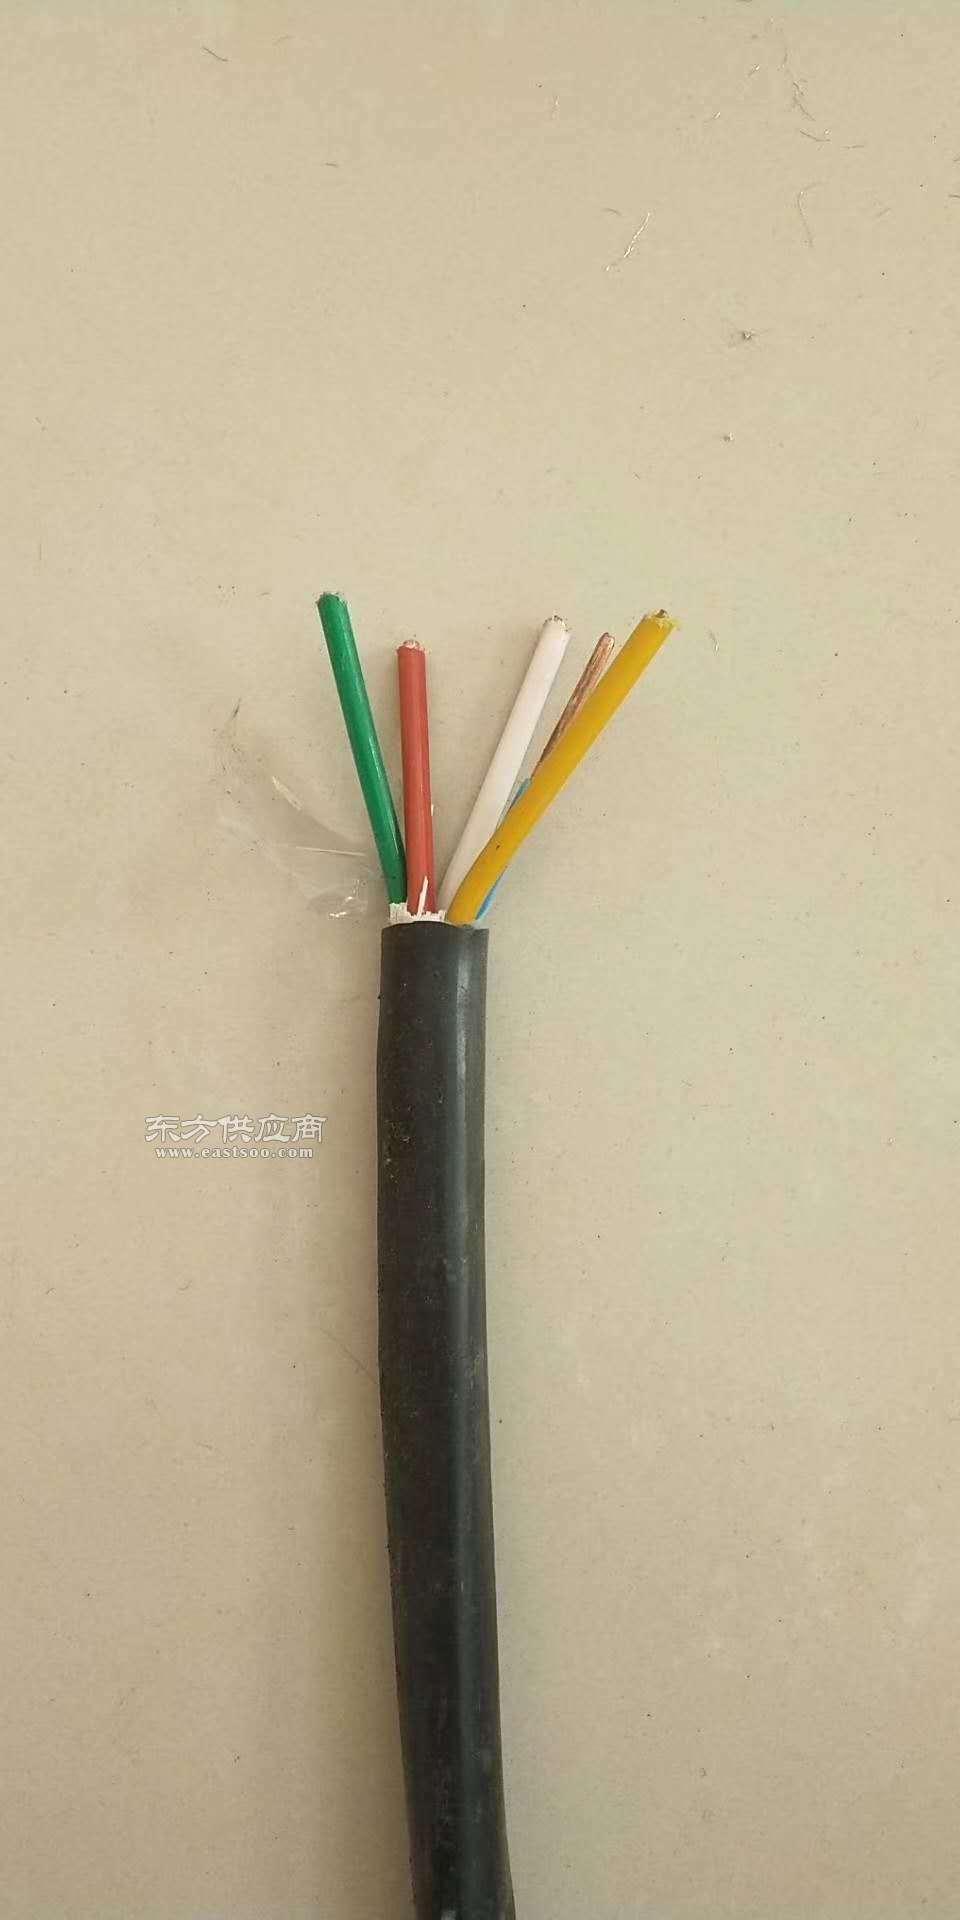 控制電纜KVVP2-22有誰做